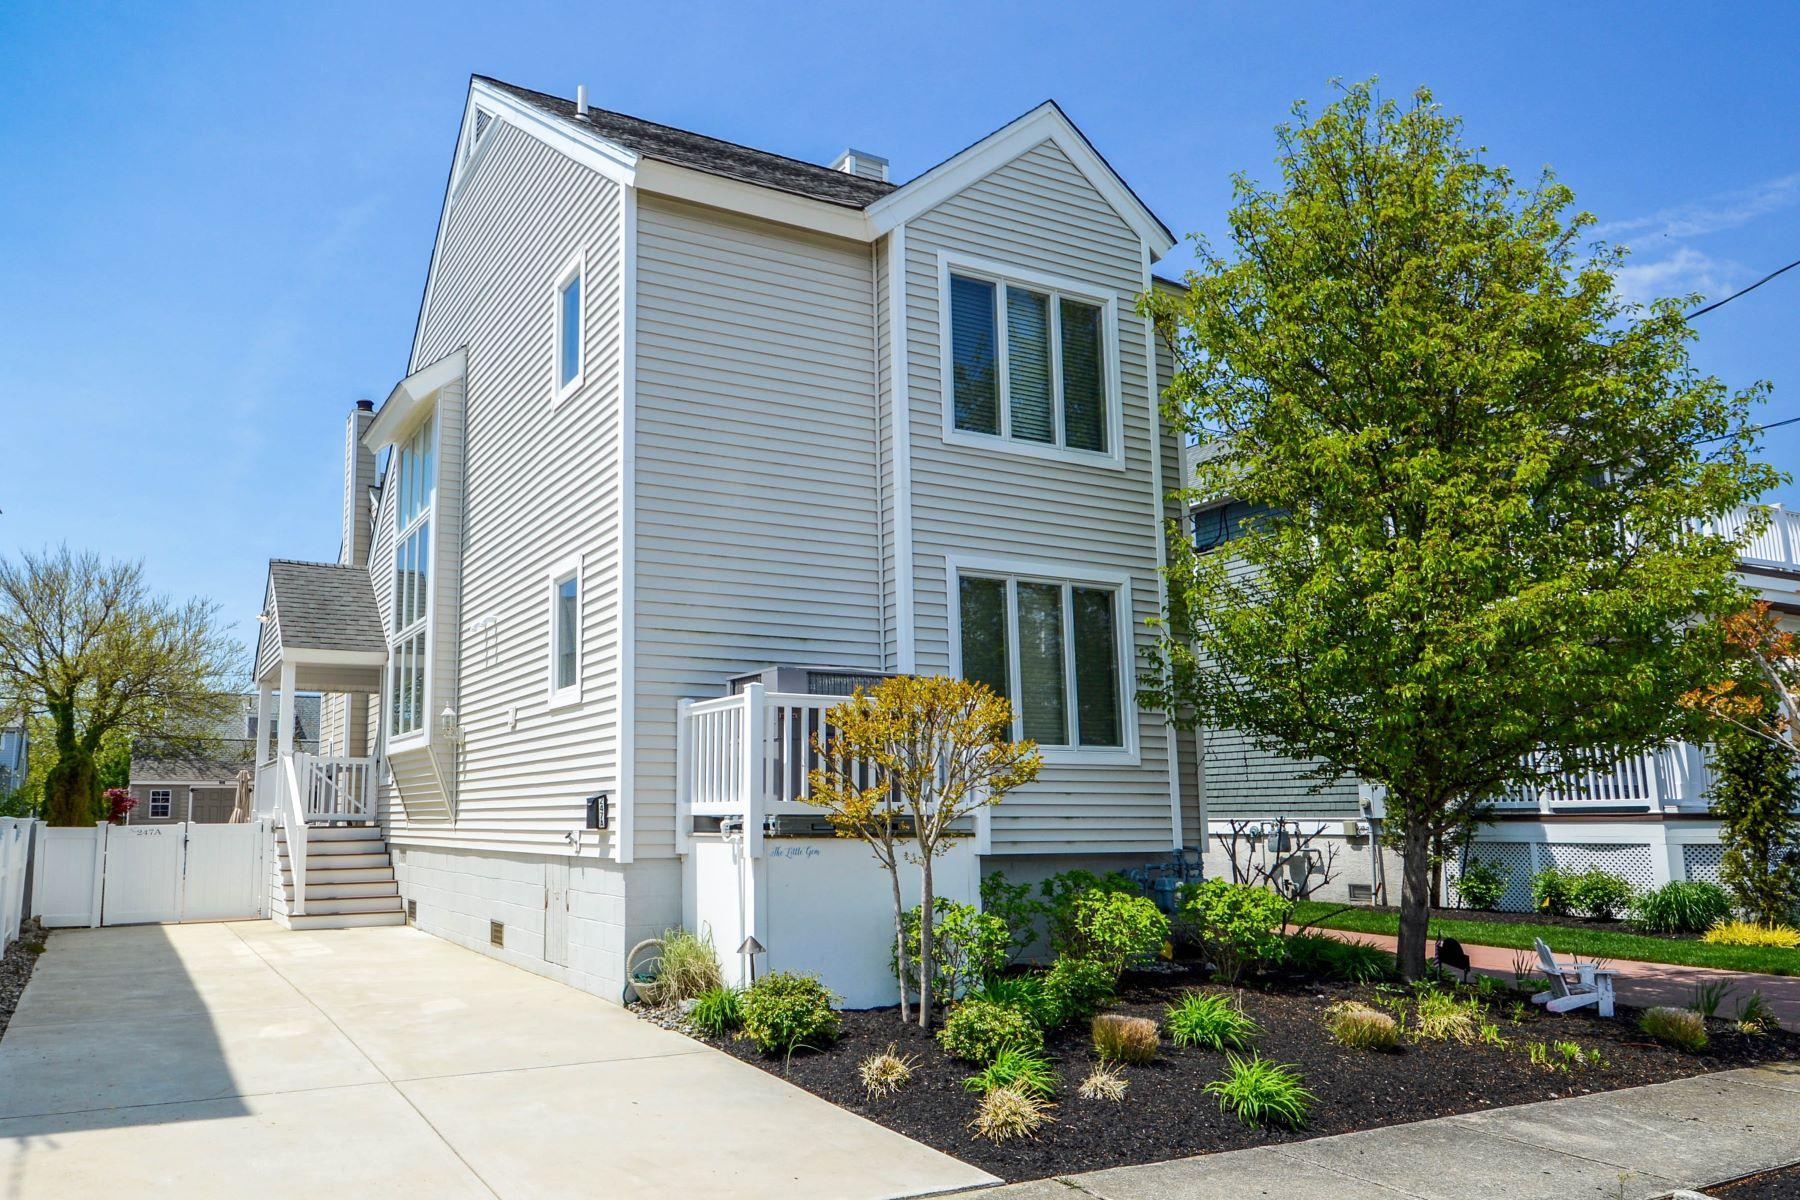 Casa unifamiliar adosada (Townhouse) por un Venta en Savvy Stone Harbor Townhome 247 87th Street Unit A, Stone Harbor, Nueva Jersey 08247 Estados Unidos